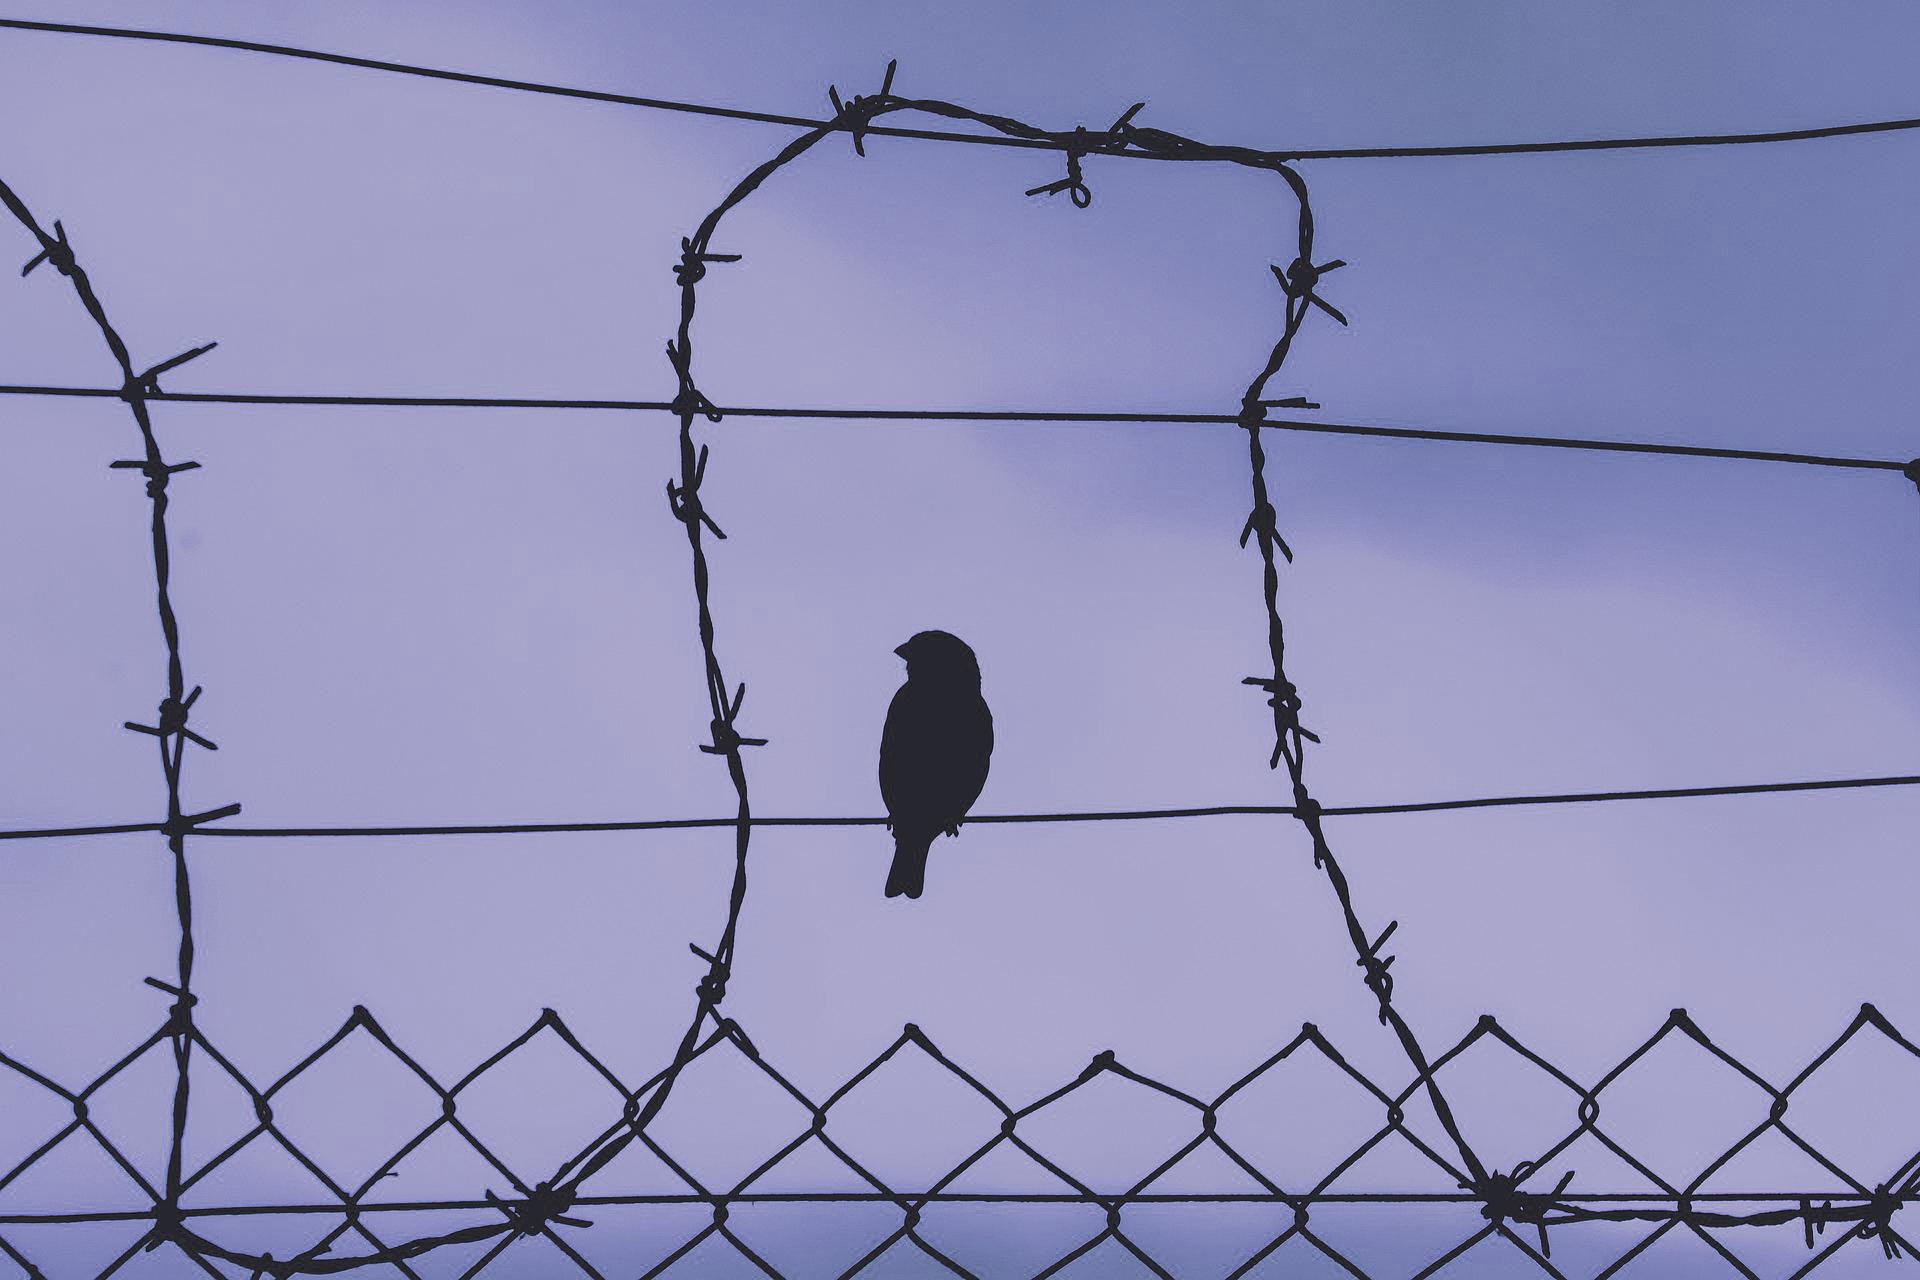 bird-on-a-wire-5243730_1920